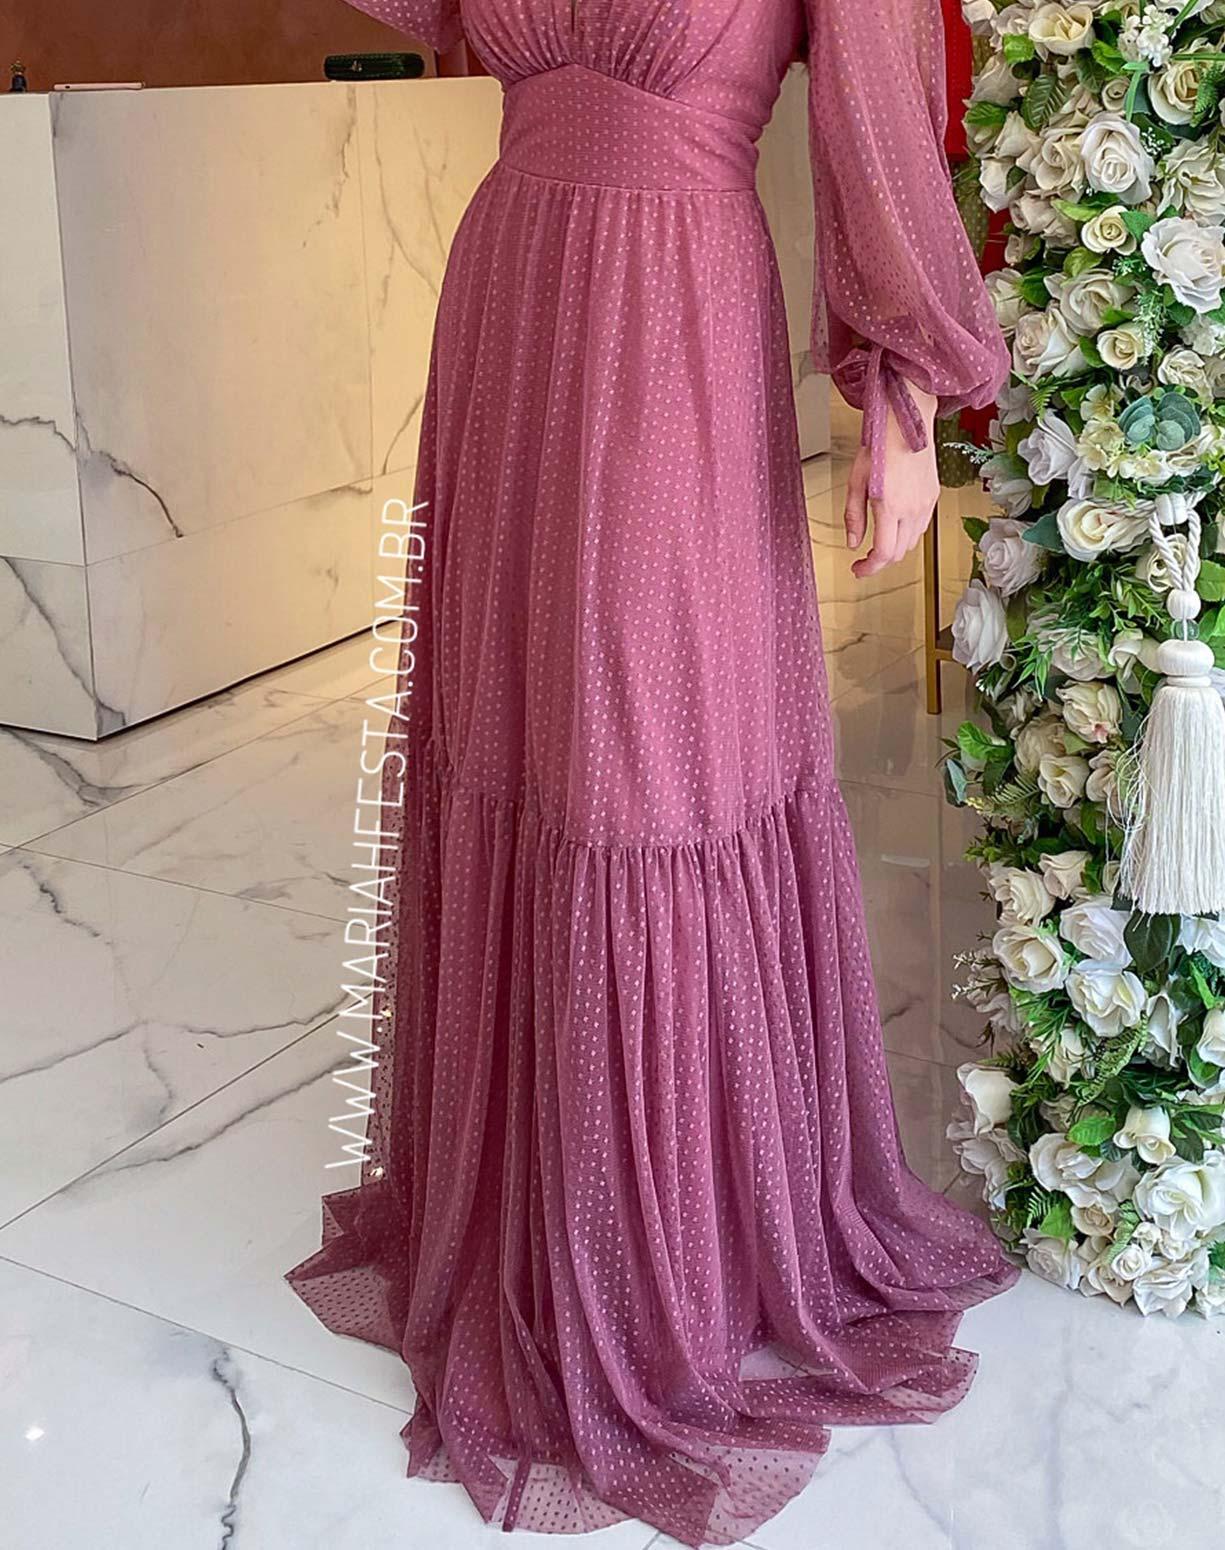 Vestido Rosa Canela  Manga Longa em Tule Texturizado